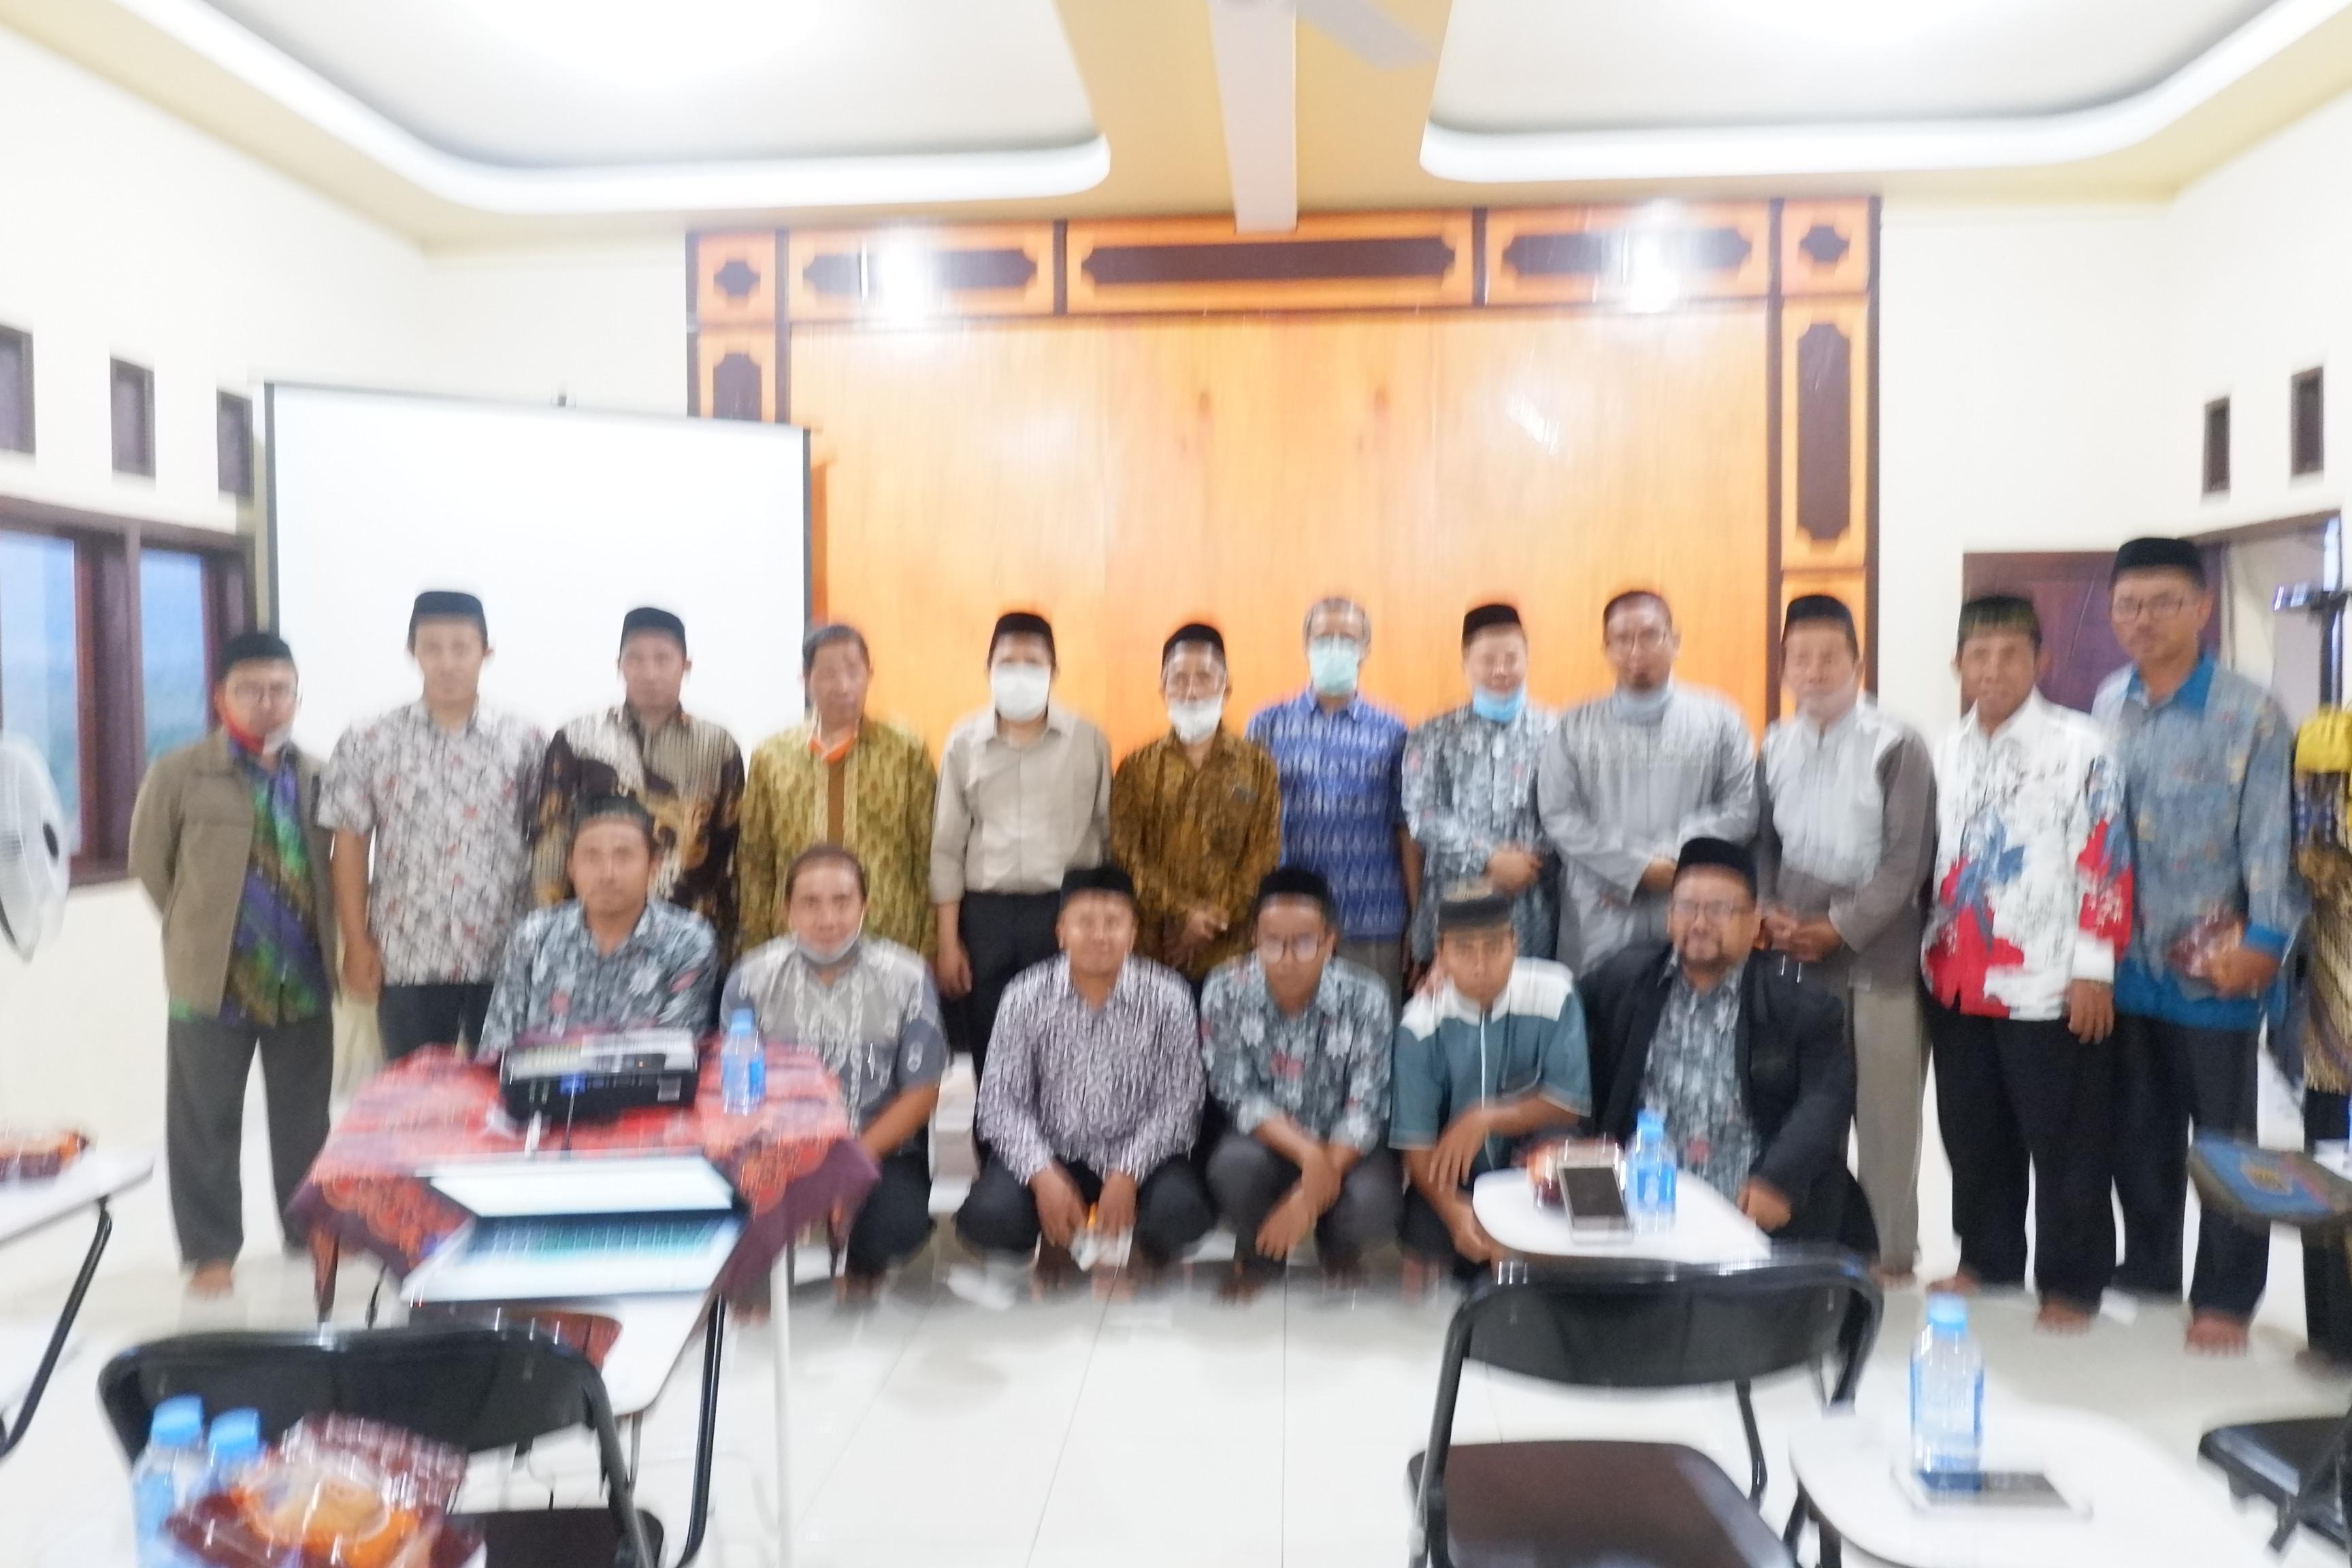 Gandeng STAIHA Bawean, Tim Peneliti Universitas Indonesia adakan Penelitian tentang Diaspora Bawean